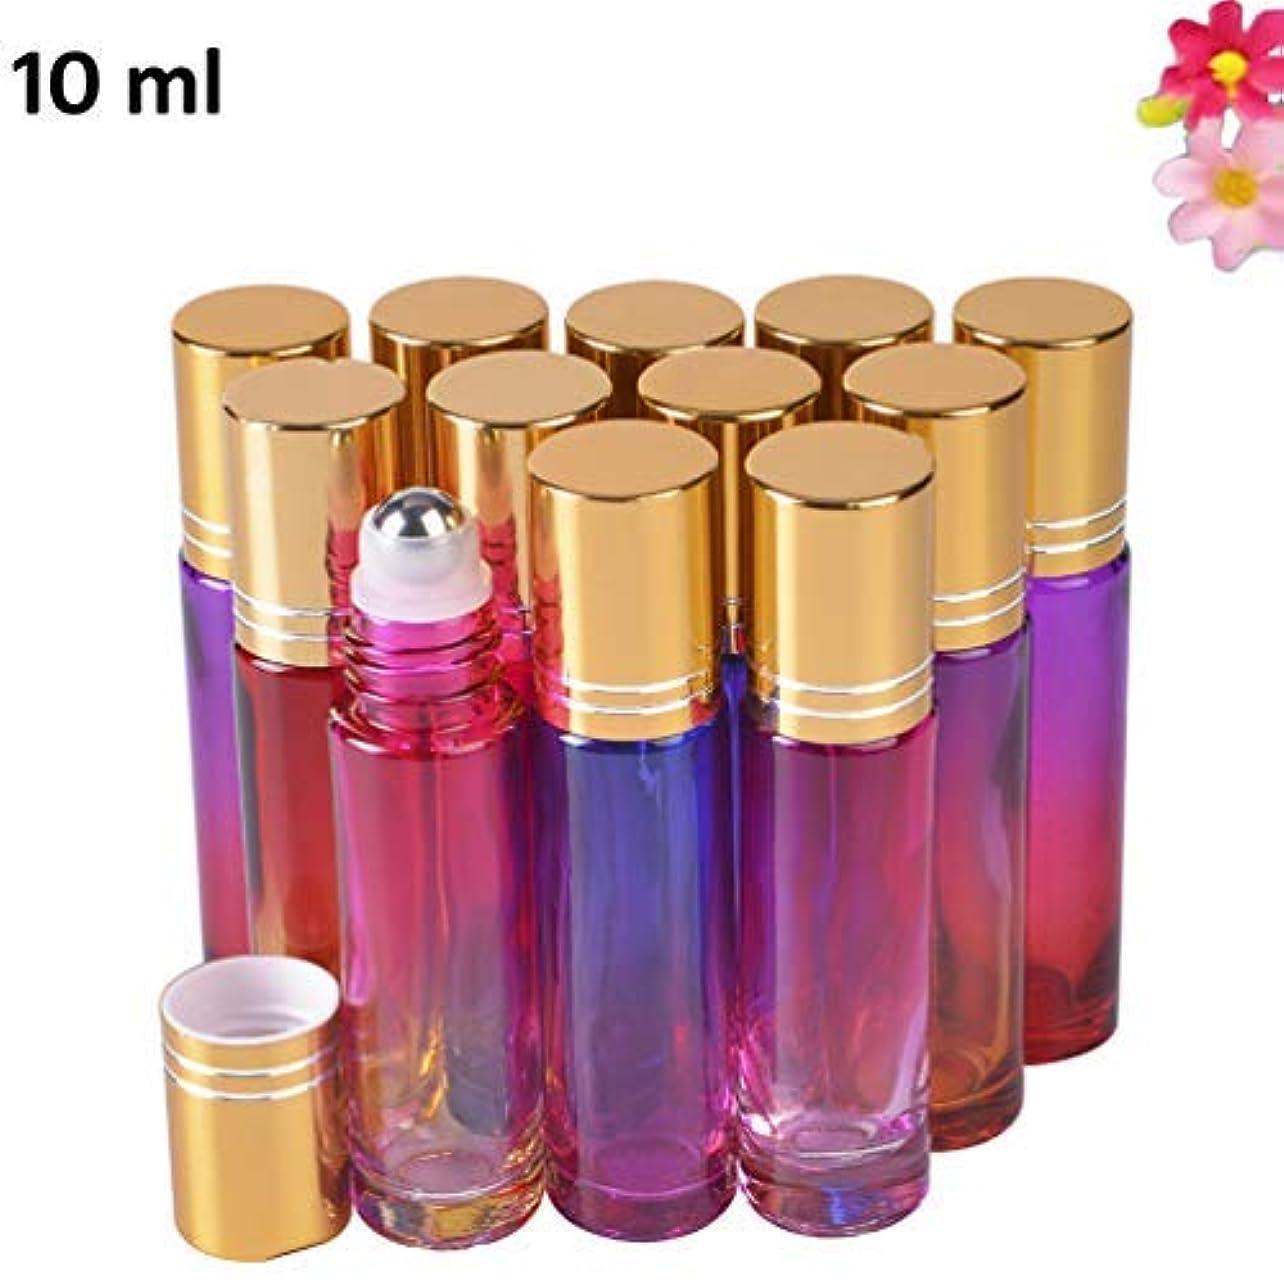 キャンベラテラスバルーン12 pack Essential Oil Roller Bottles 10ml with Beautiful Color [並行輸入品]